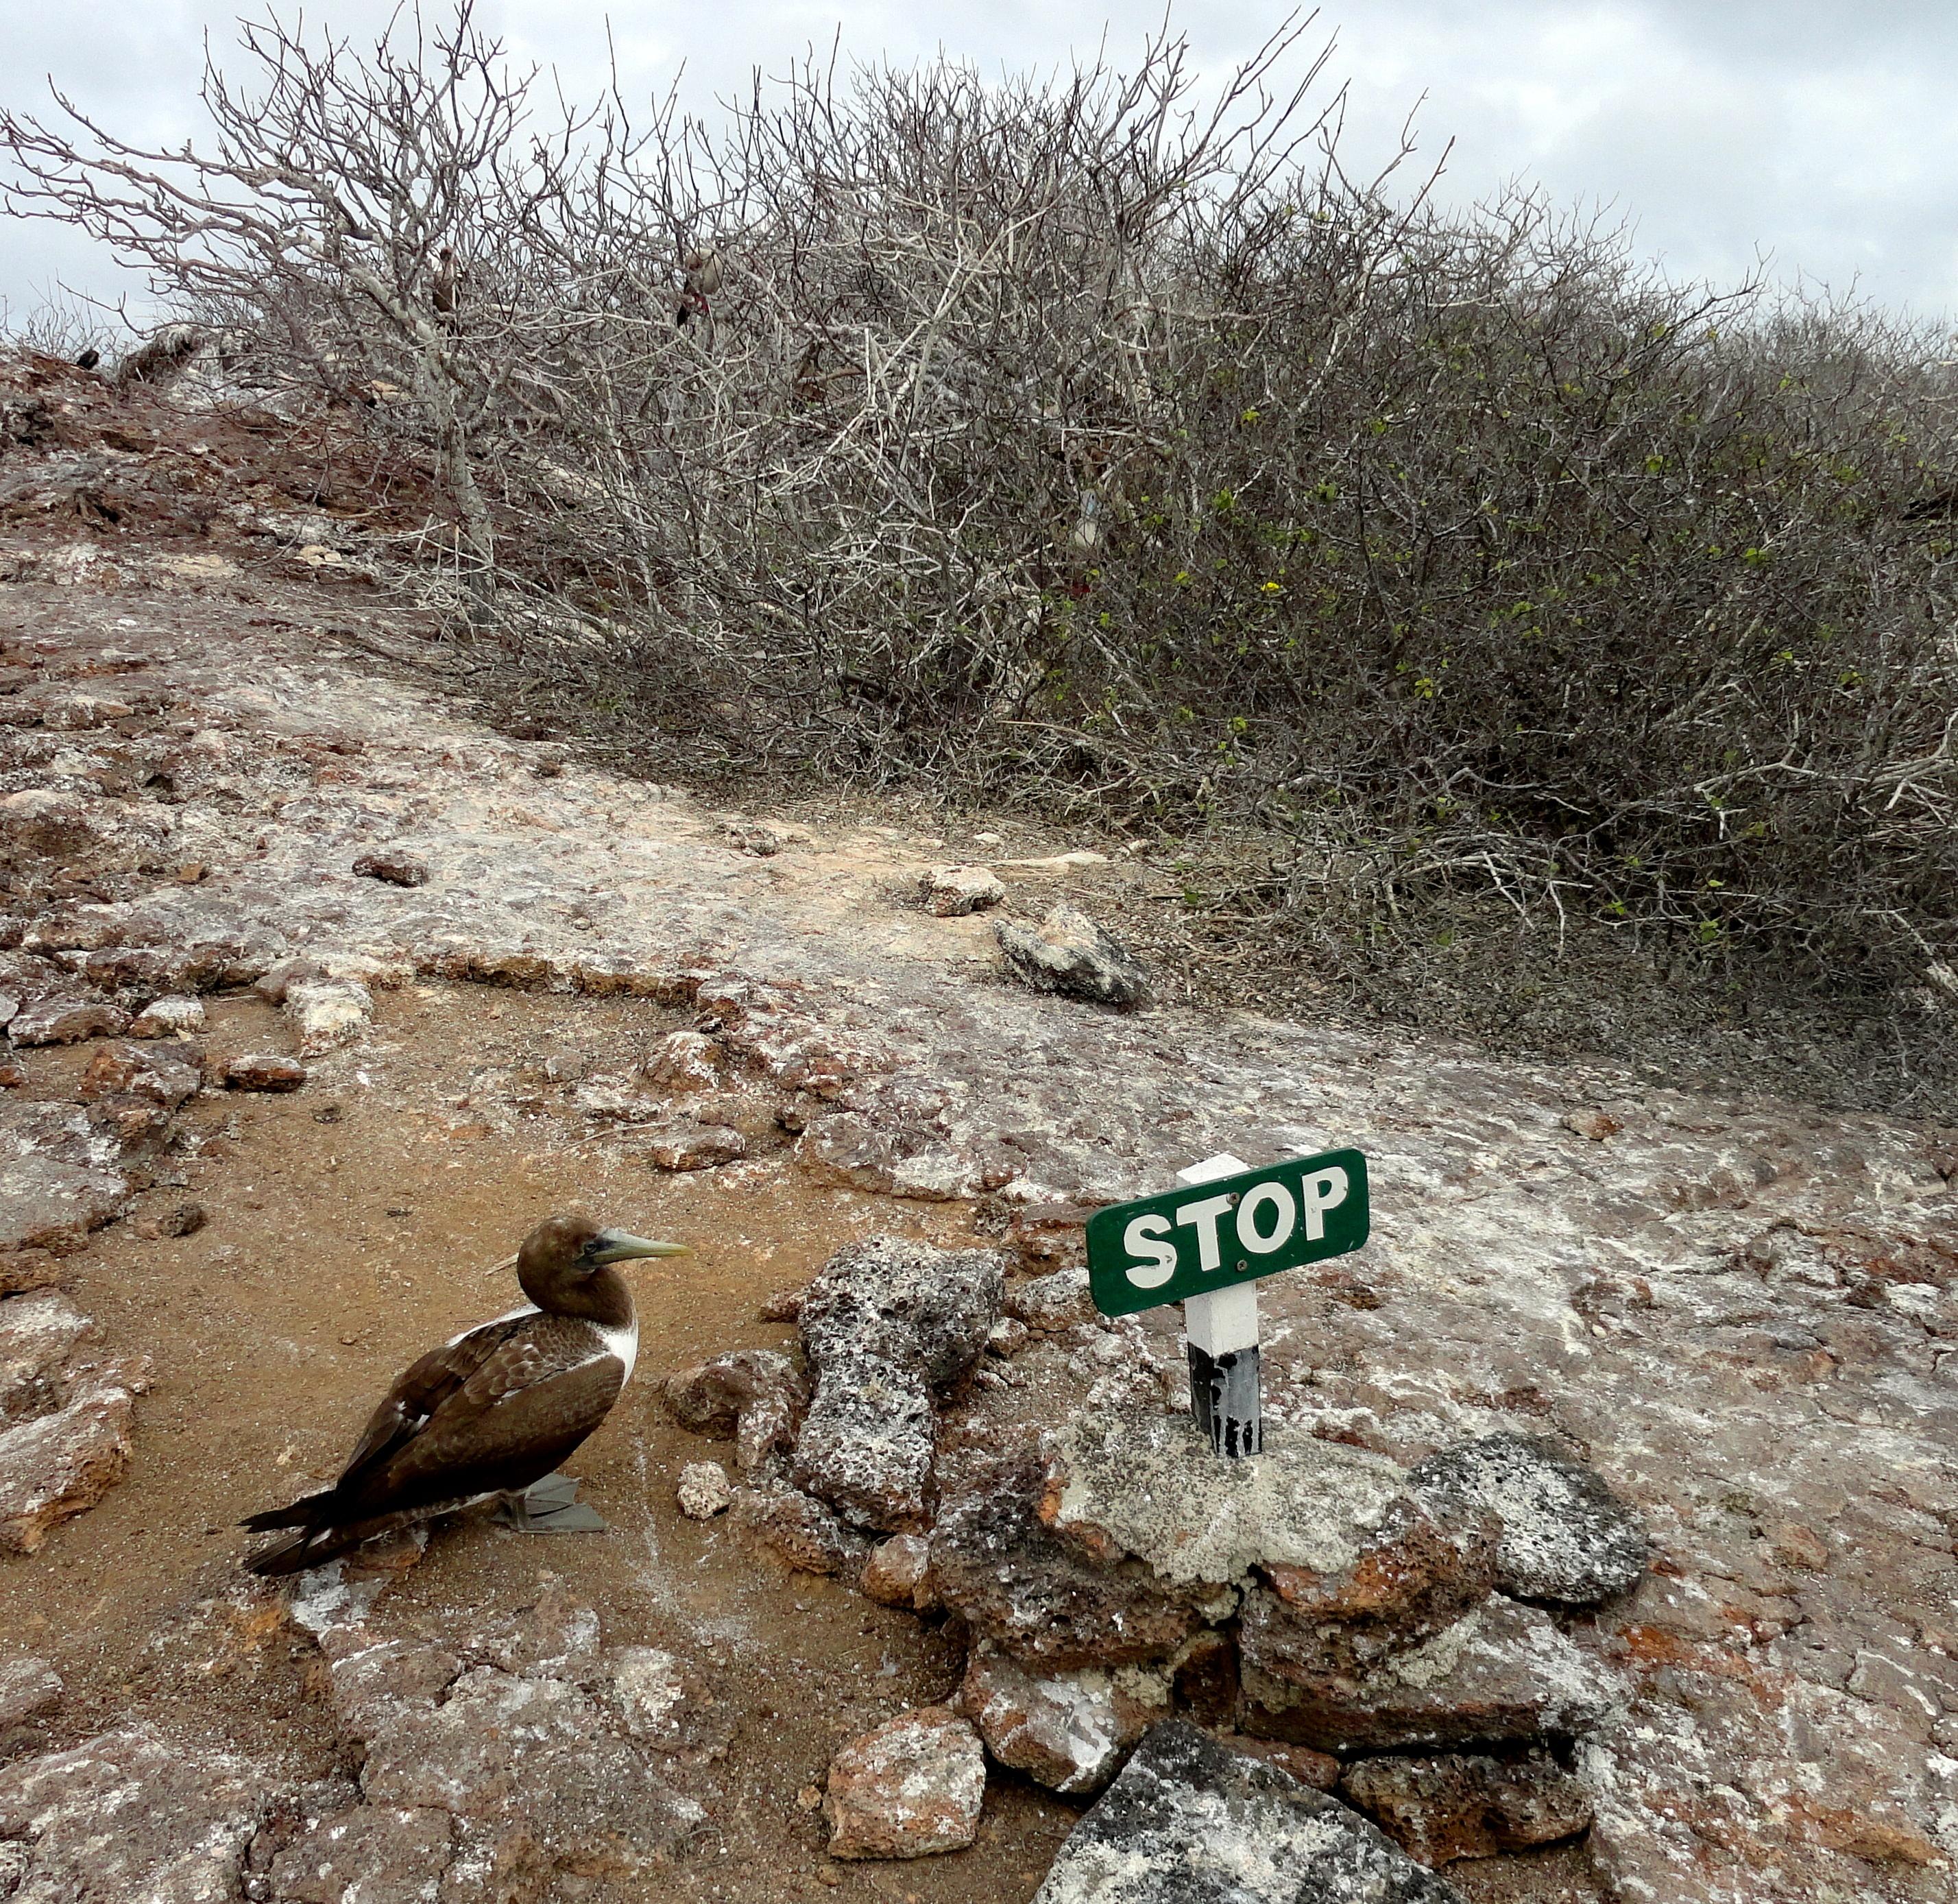 Exploring Genovesa Island, Galapagos